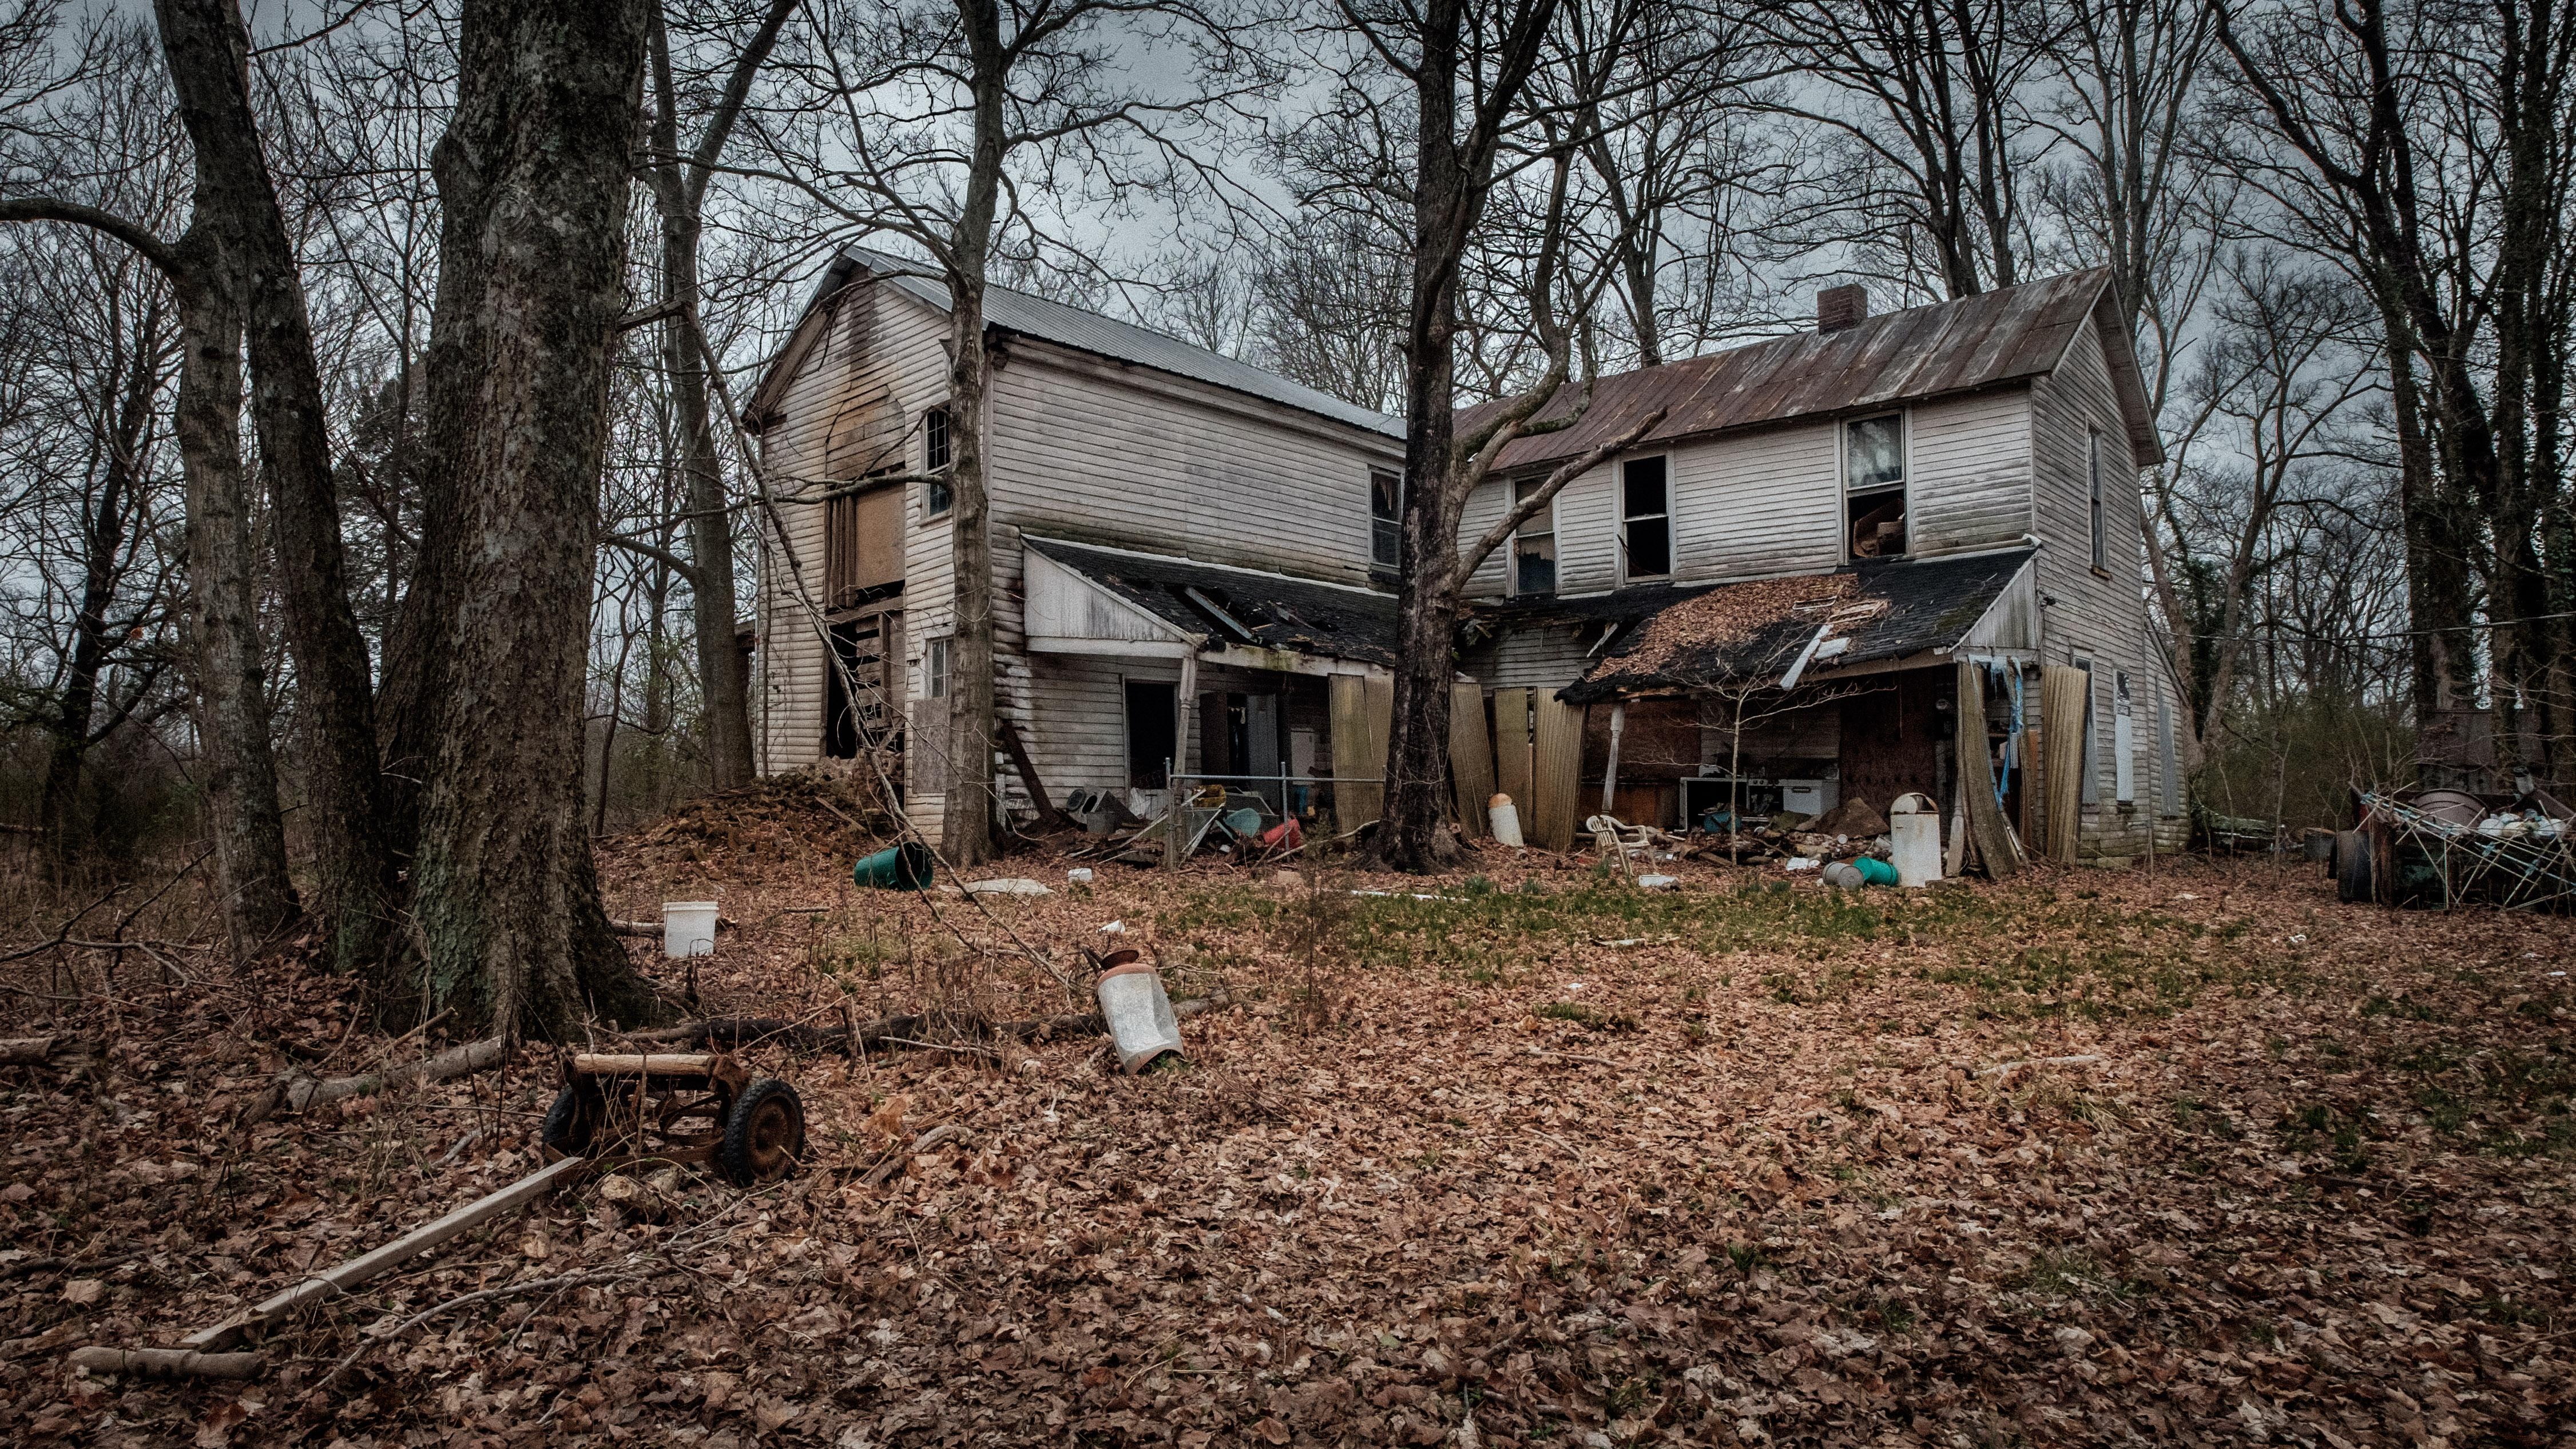 fond d 39 cran for t b timent abandonn maison village ferme cabane pourriture ruines. Black Bedroom Furniture Sets. Home Design Ideas